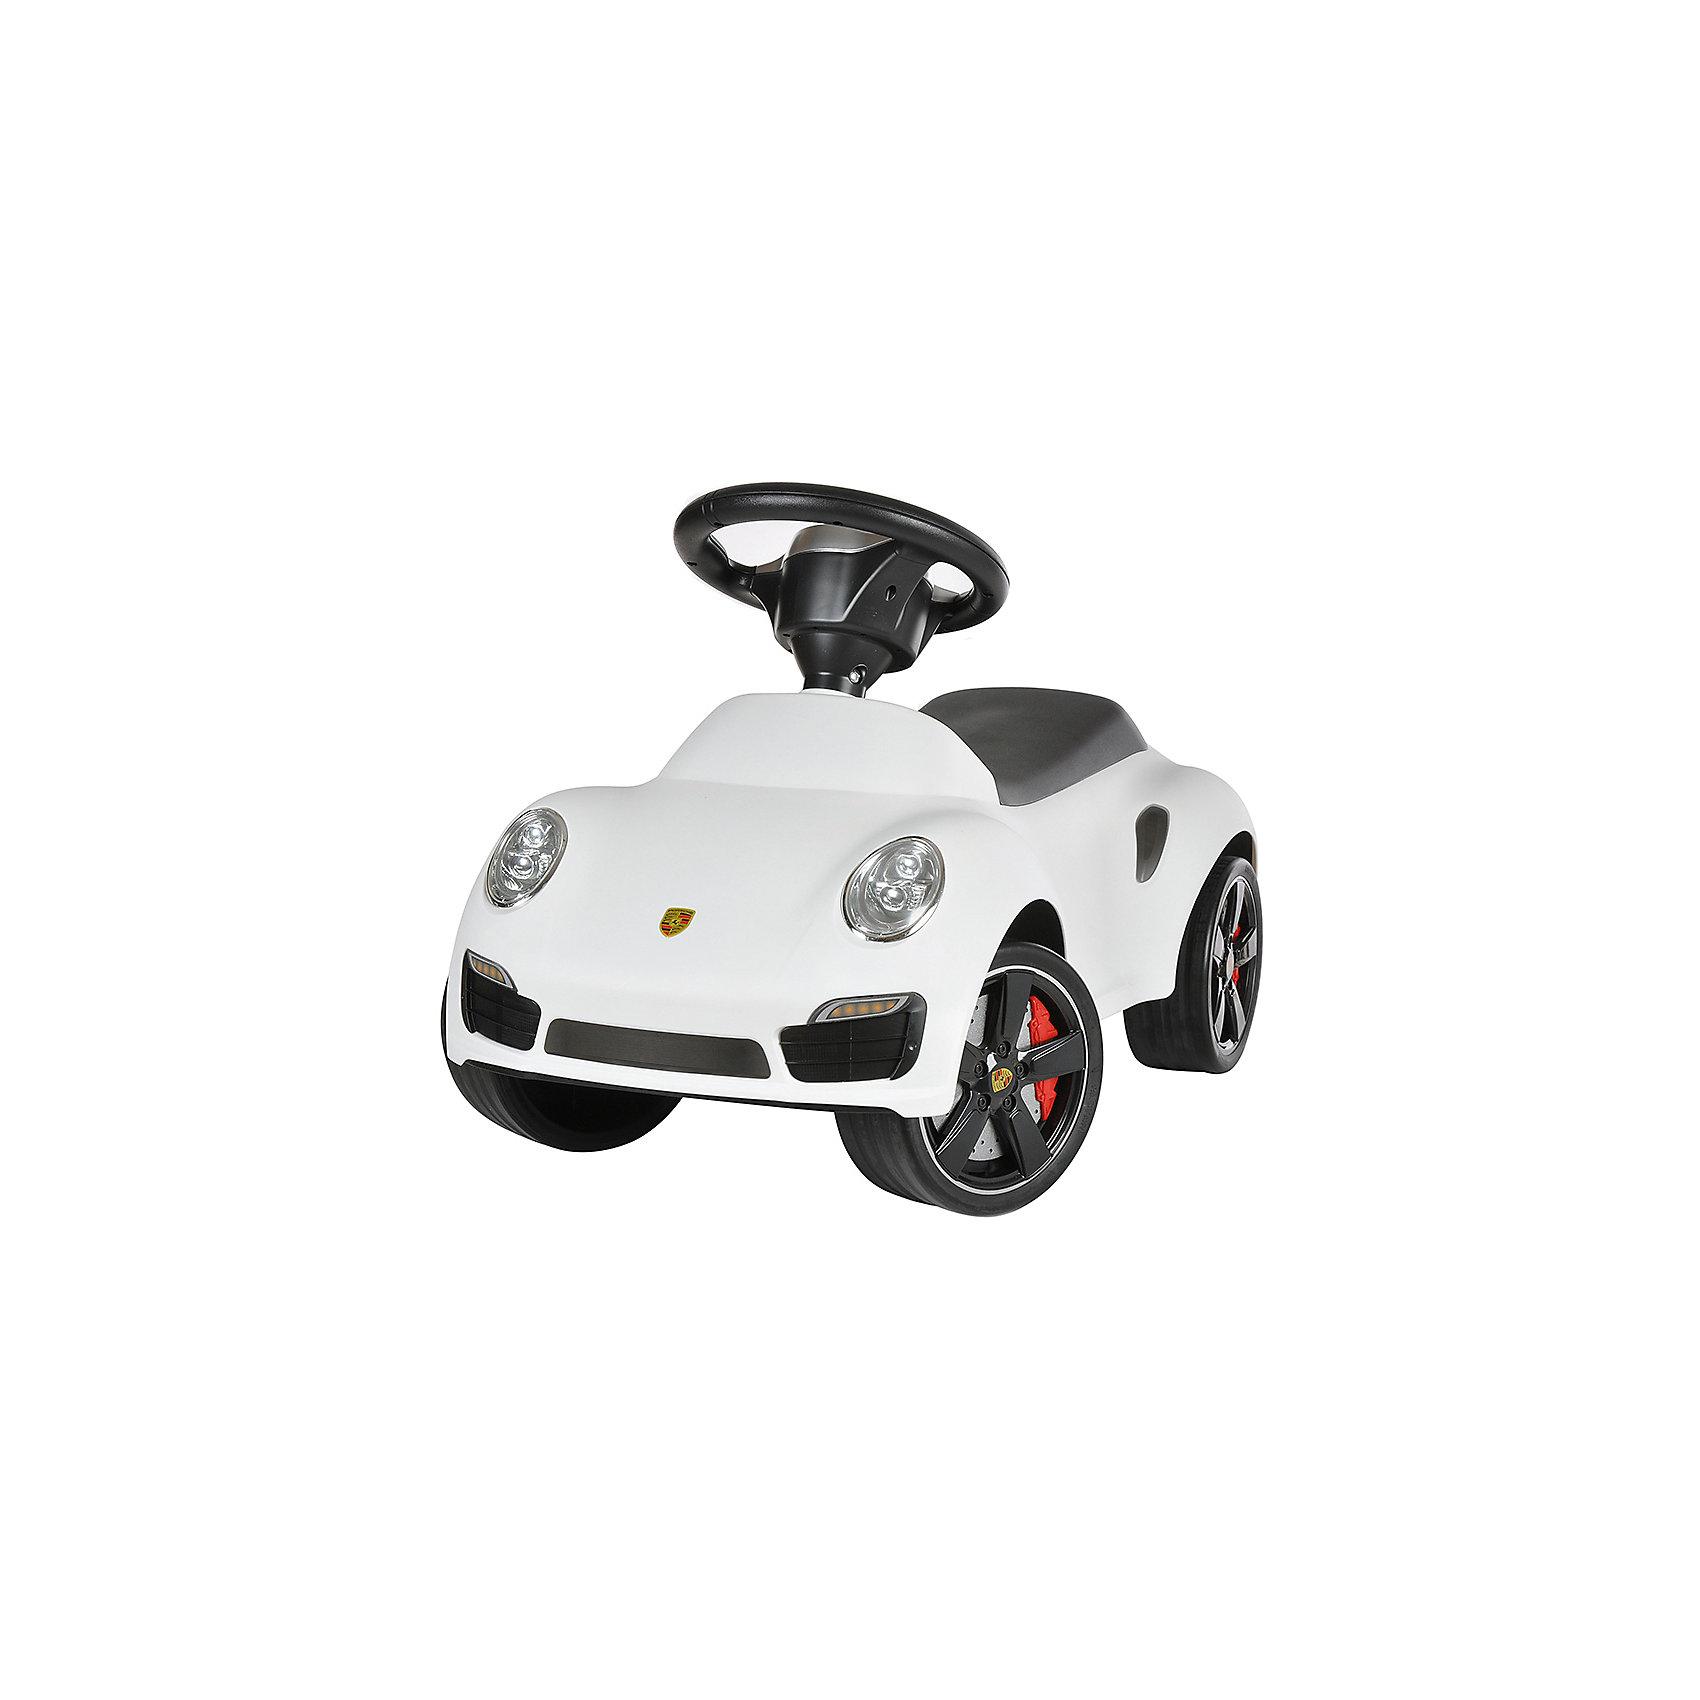 Каталка Porsche 911, белый, RASTARКаталка Porsche 911, белый, RASTAR - осчастливьте своего ребенка безопасной детской машиной.<br>Благодаря тому, что каталка имеет устойчивую конструкцию и колеса с поворотом на 90 градусов, она полностью безопасна для ребенка, даже если он любит быструю езду.  На руле есть кнопка для звукового сигнала. Ход машины очень плавный, может ездить вперед и назад. Есть вместительный багажник для игрушек или вещей, под сиденьем. Машина сделана под марку «Porsche».<br><br>Дополнительная информация:<br><br>- размер: 65 ? 35 ? 30 см<br>- вес: 2,7 кг<br>- возраст: от 1 до 3 лет<br>- максимальный вес: до 30 кг<br>- цвет: белый<br><br>Каталку Porsche 911, белый, RASTAR можно купить в нашем интернет магазине.<br><br>Ширина мм: 650<br>Глубина мм: 350<br>Высота мм: 300<br>Вес г: 3800<br>Возраст от месяцев: 12<br>Возраст до месяцев: 36<br>Пол: Унисекс<br>Возраст: Детский<br>SKU: 4995162